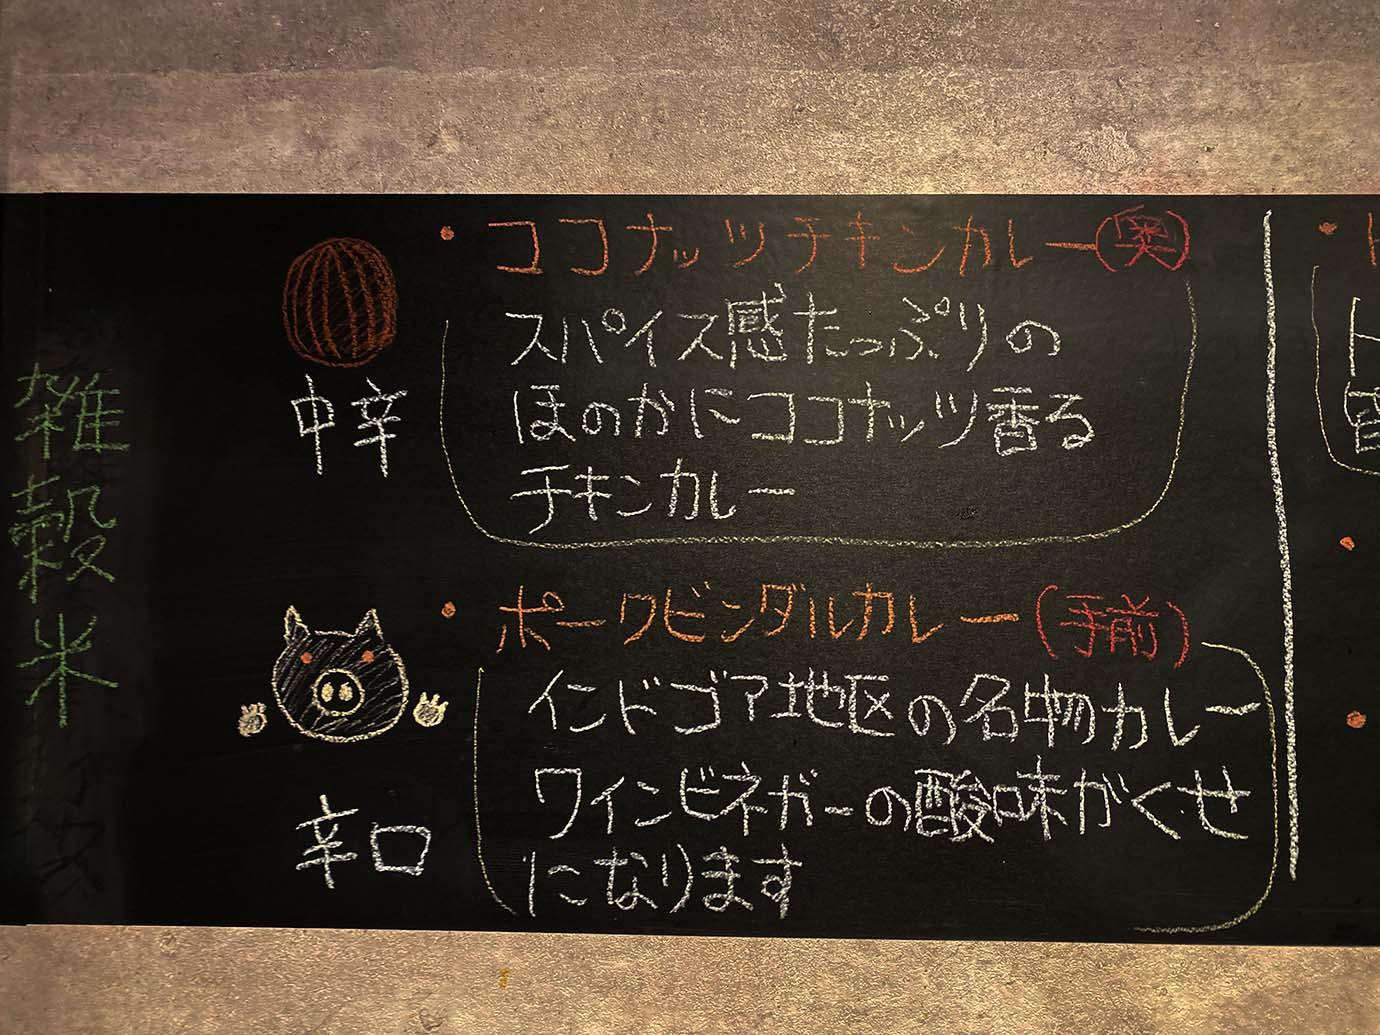 curry-kaigishitsu22